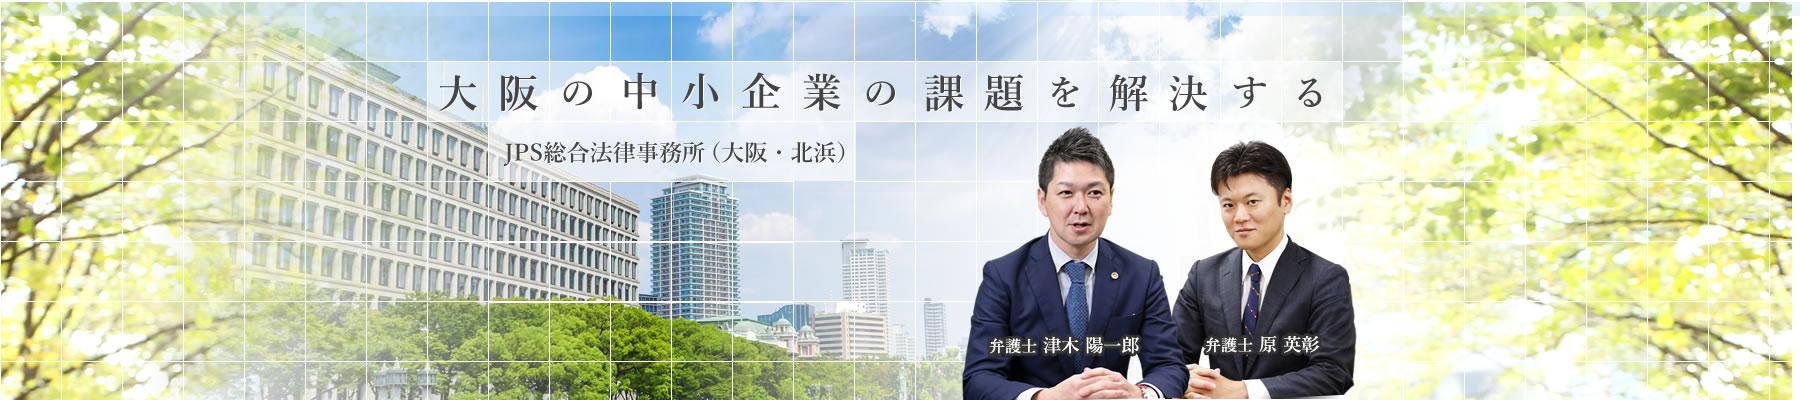 大阪の中小企業の課題を解決する JPS総合法律事務所(大阪・北浜)